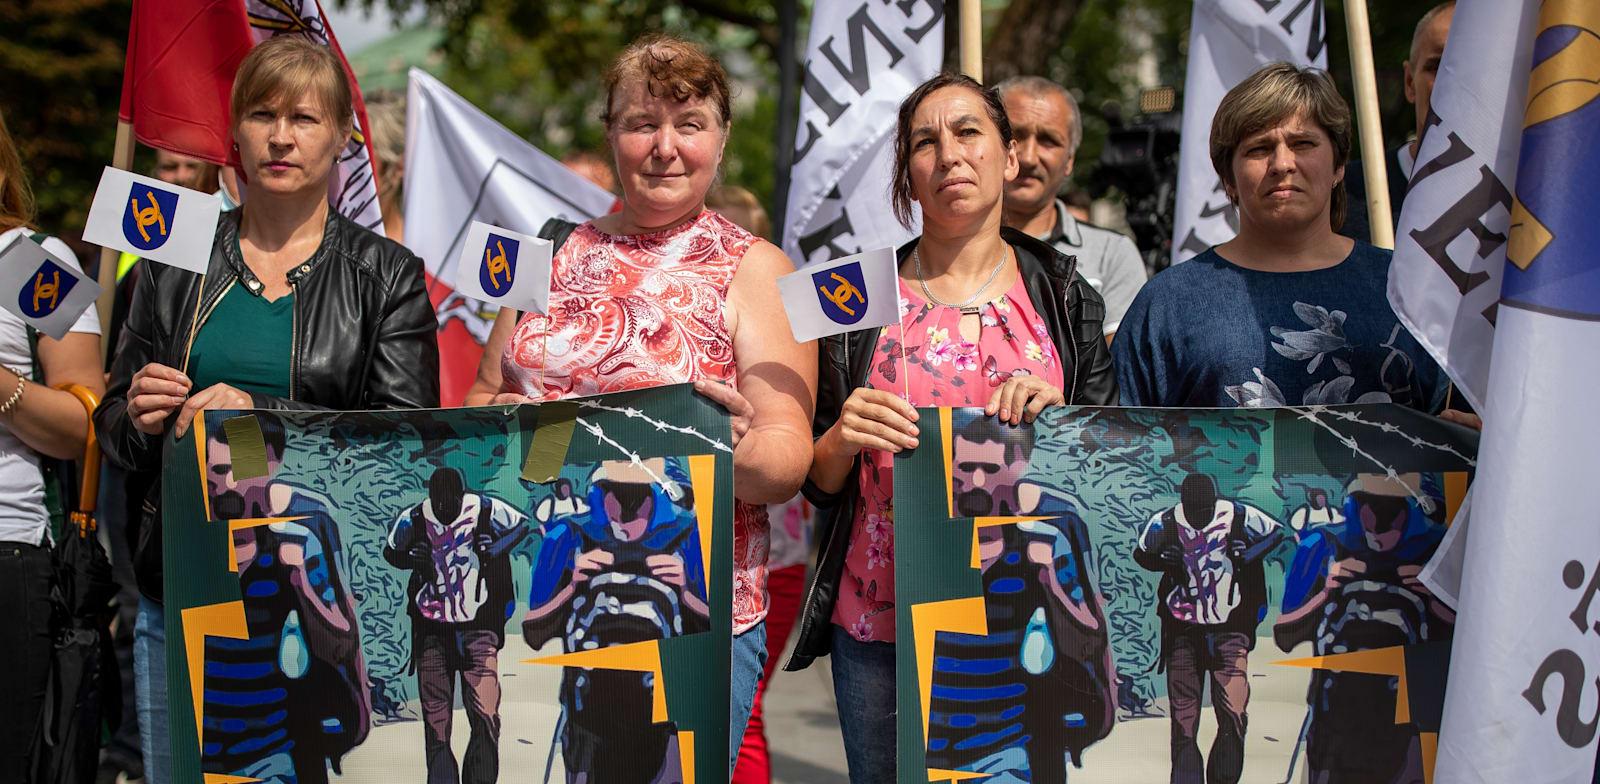 הפגנה בליטא בשבוע שעבר נגד כניסת המהגרים מבלארוס / צילום: Associated Press, Mindaugas Kulbis